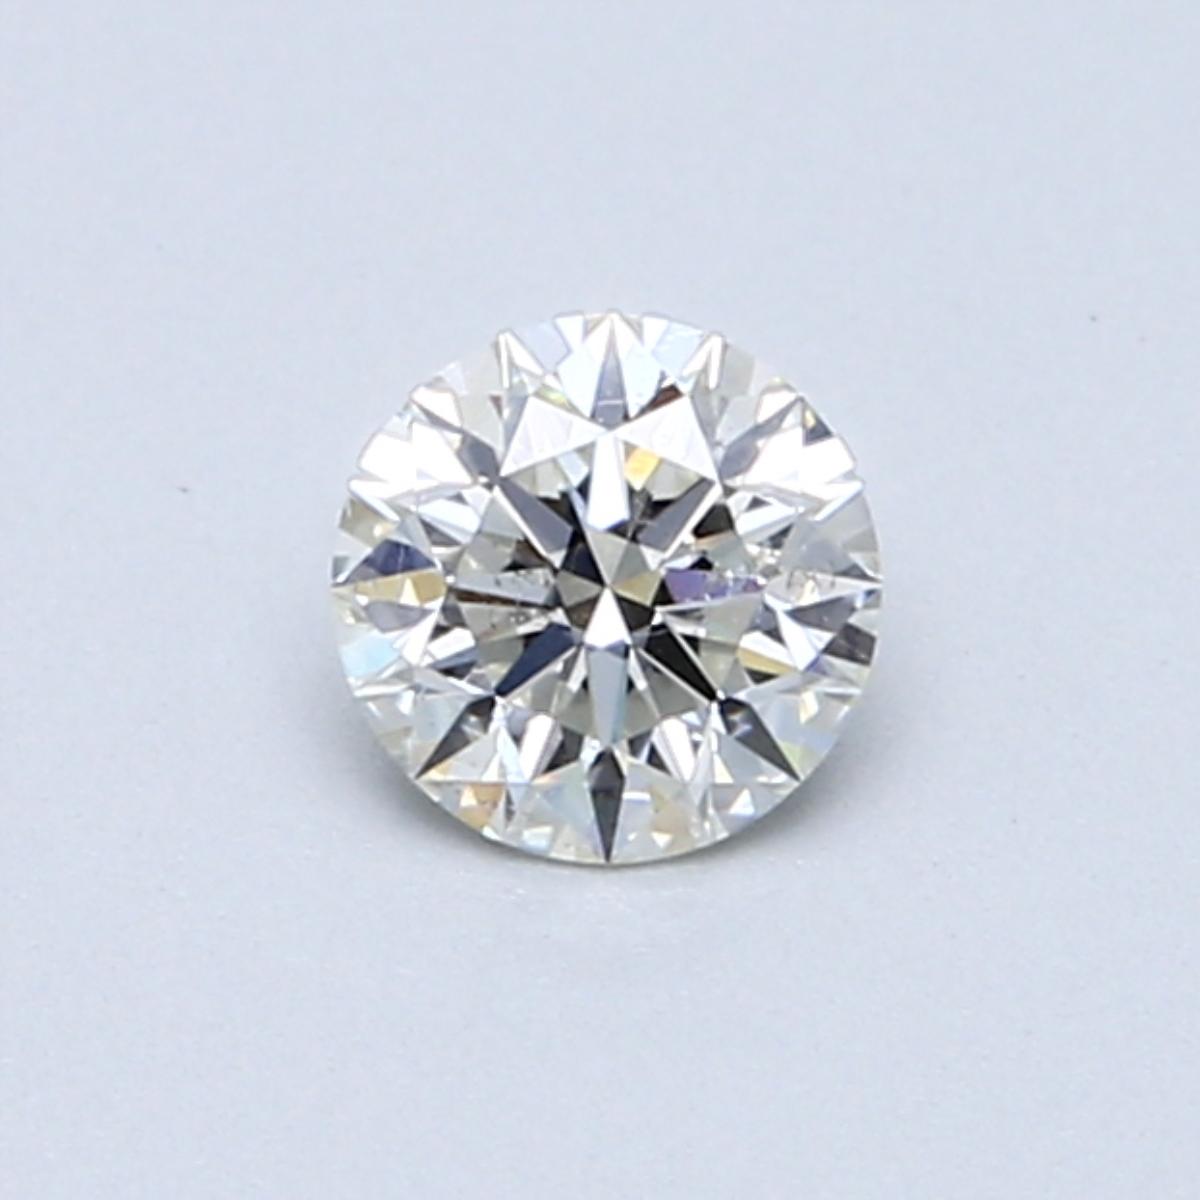 0.42 Carat J SI2 Round Diamond